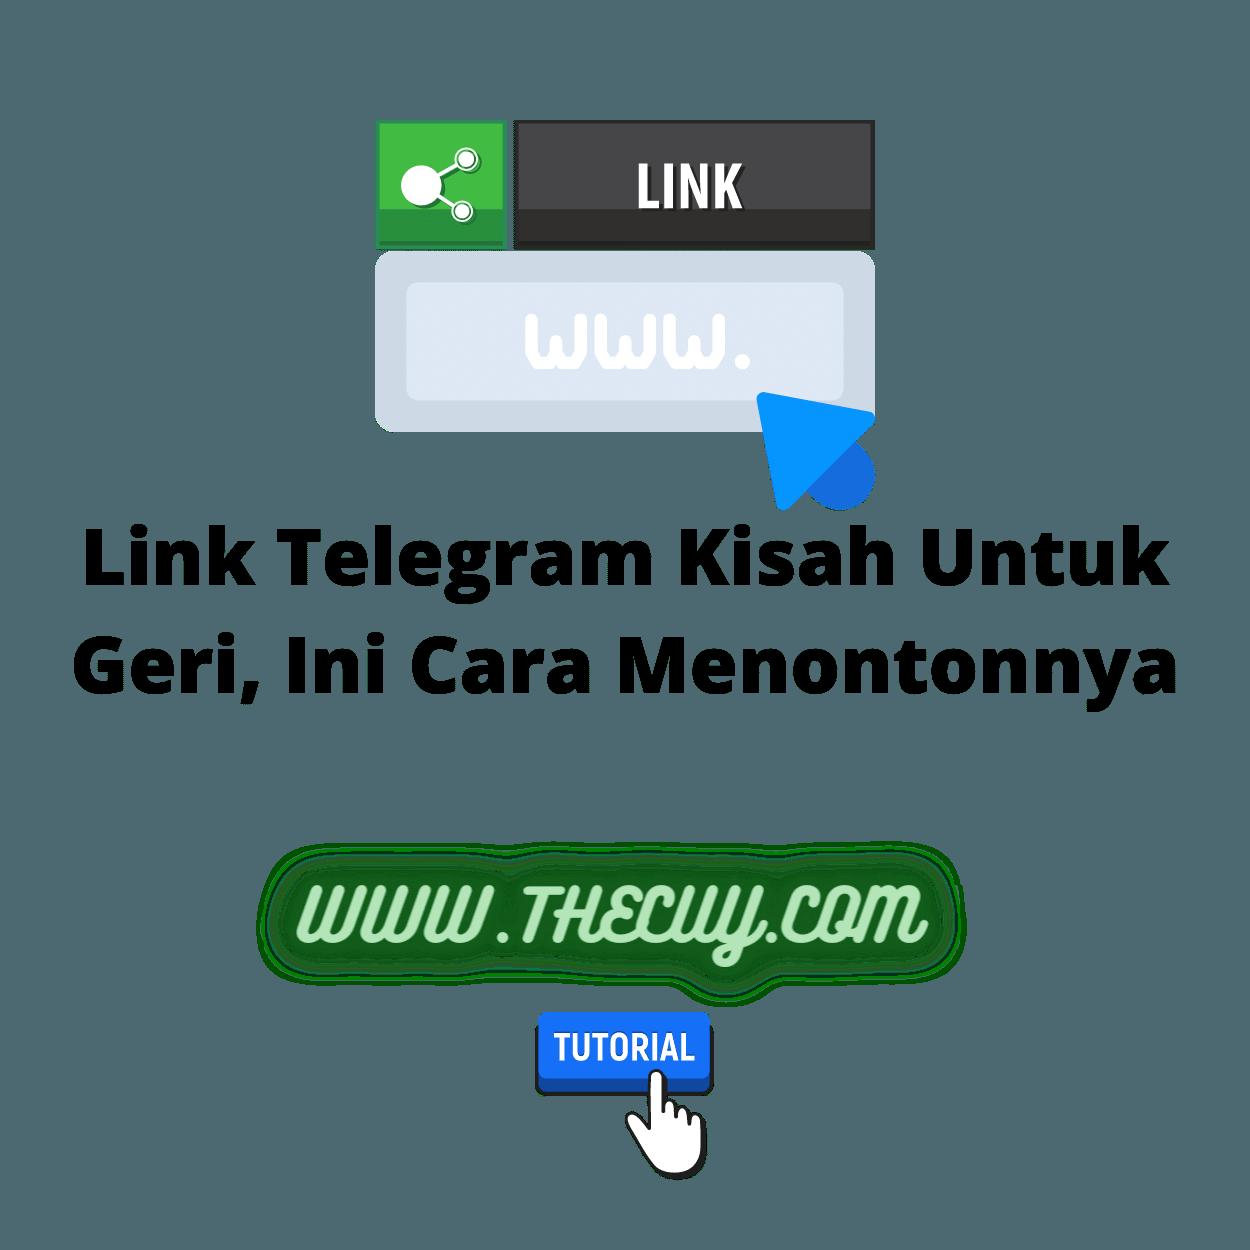 Link Telegram Kisah Untuk Geri, Ini Cara Menontonnya